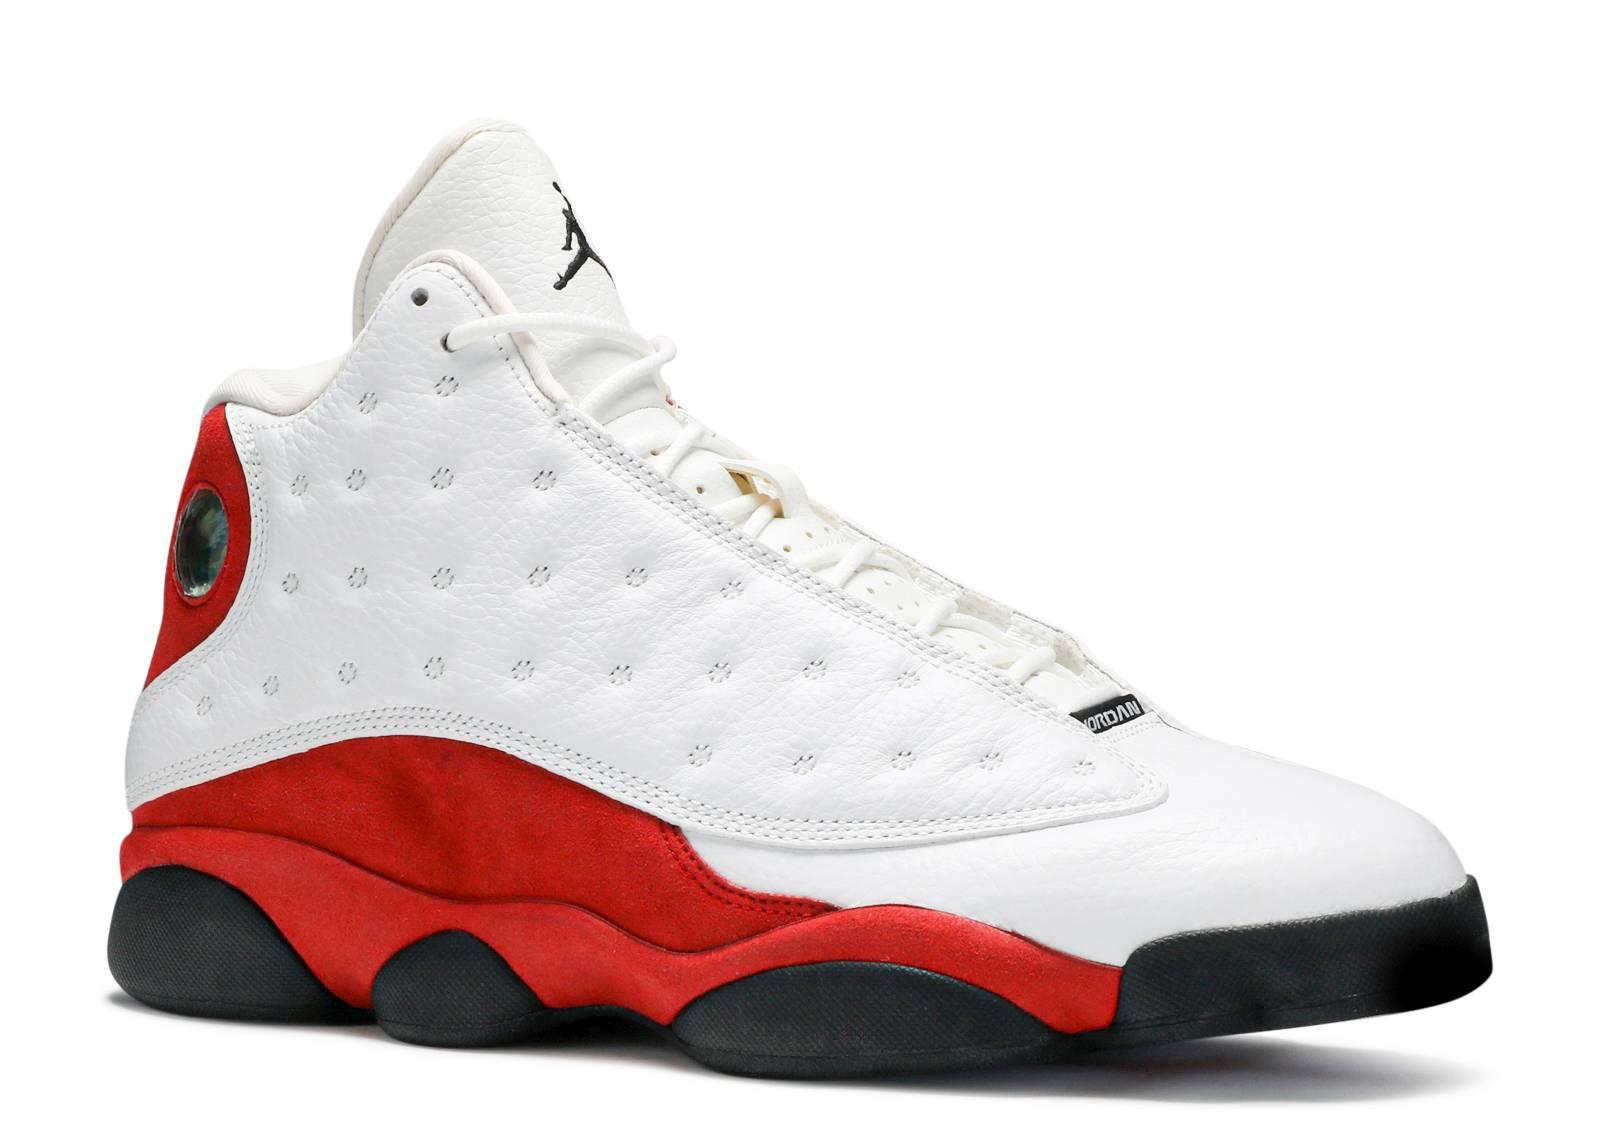 9b1fc1099569 Air Jordan 13 Retro